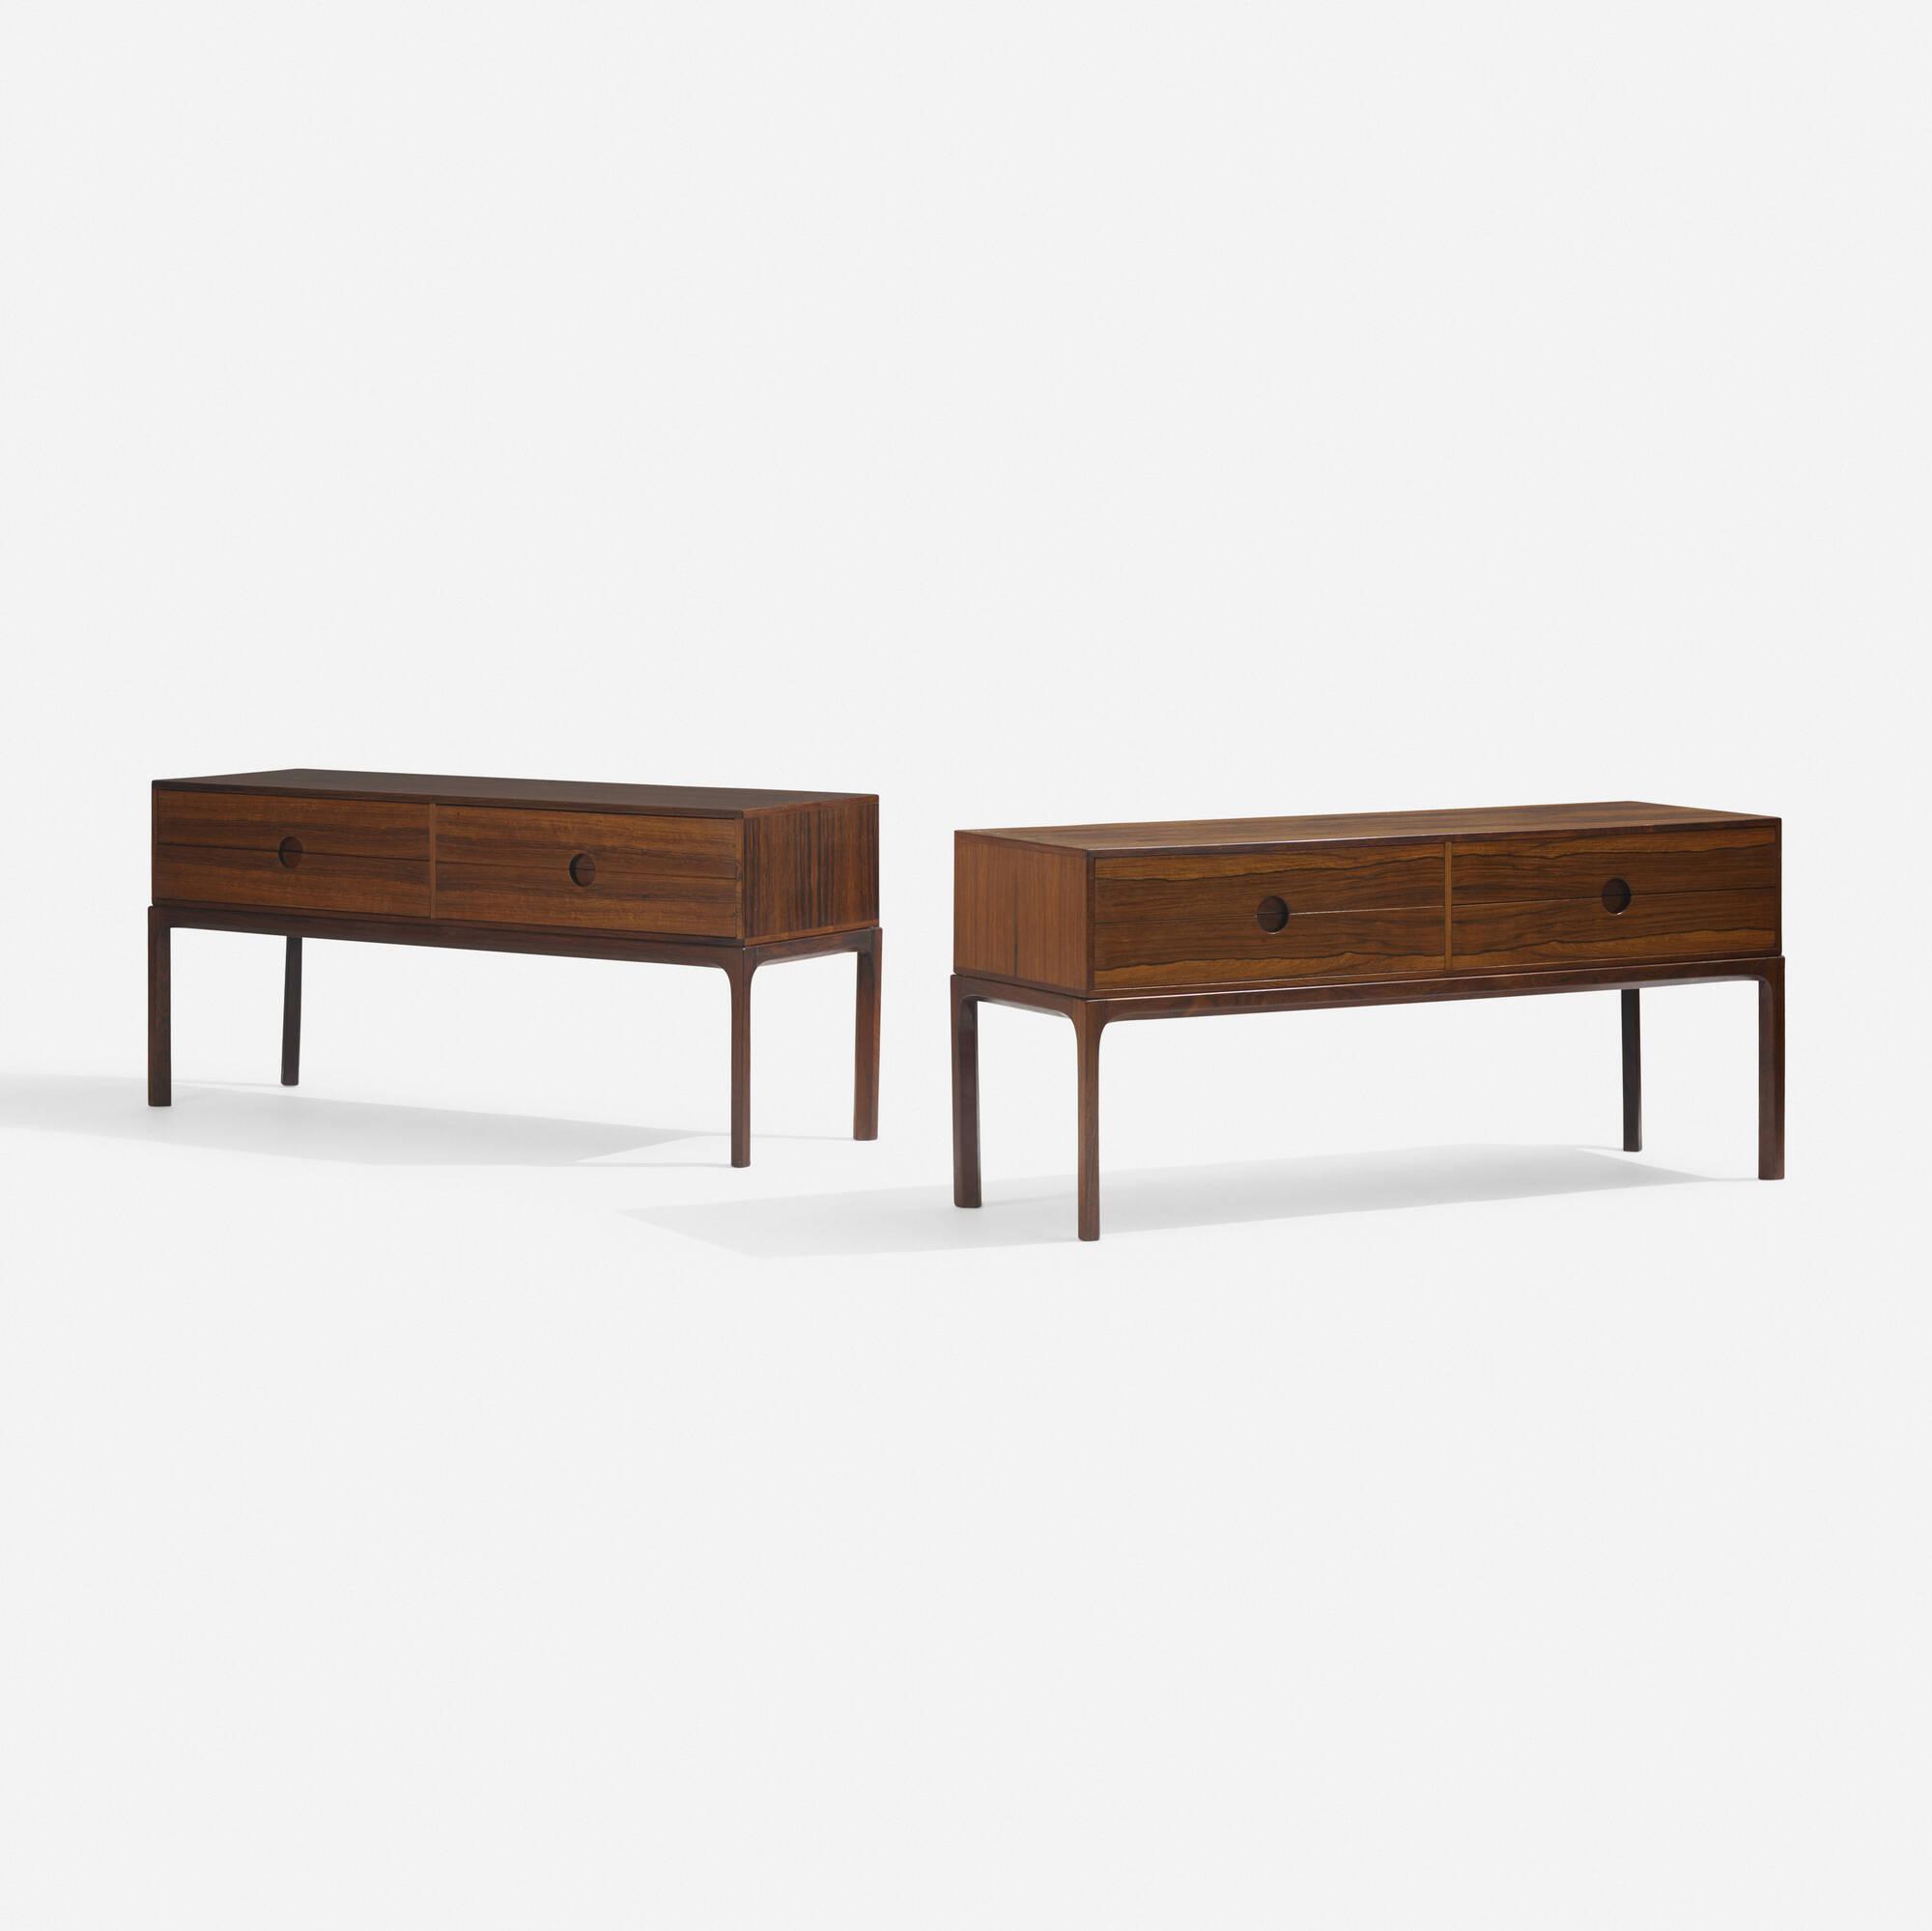 285: Aksel Kjersgaard / cabinets, pair (1 of 4)